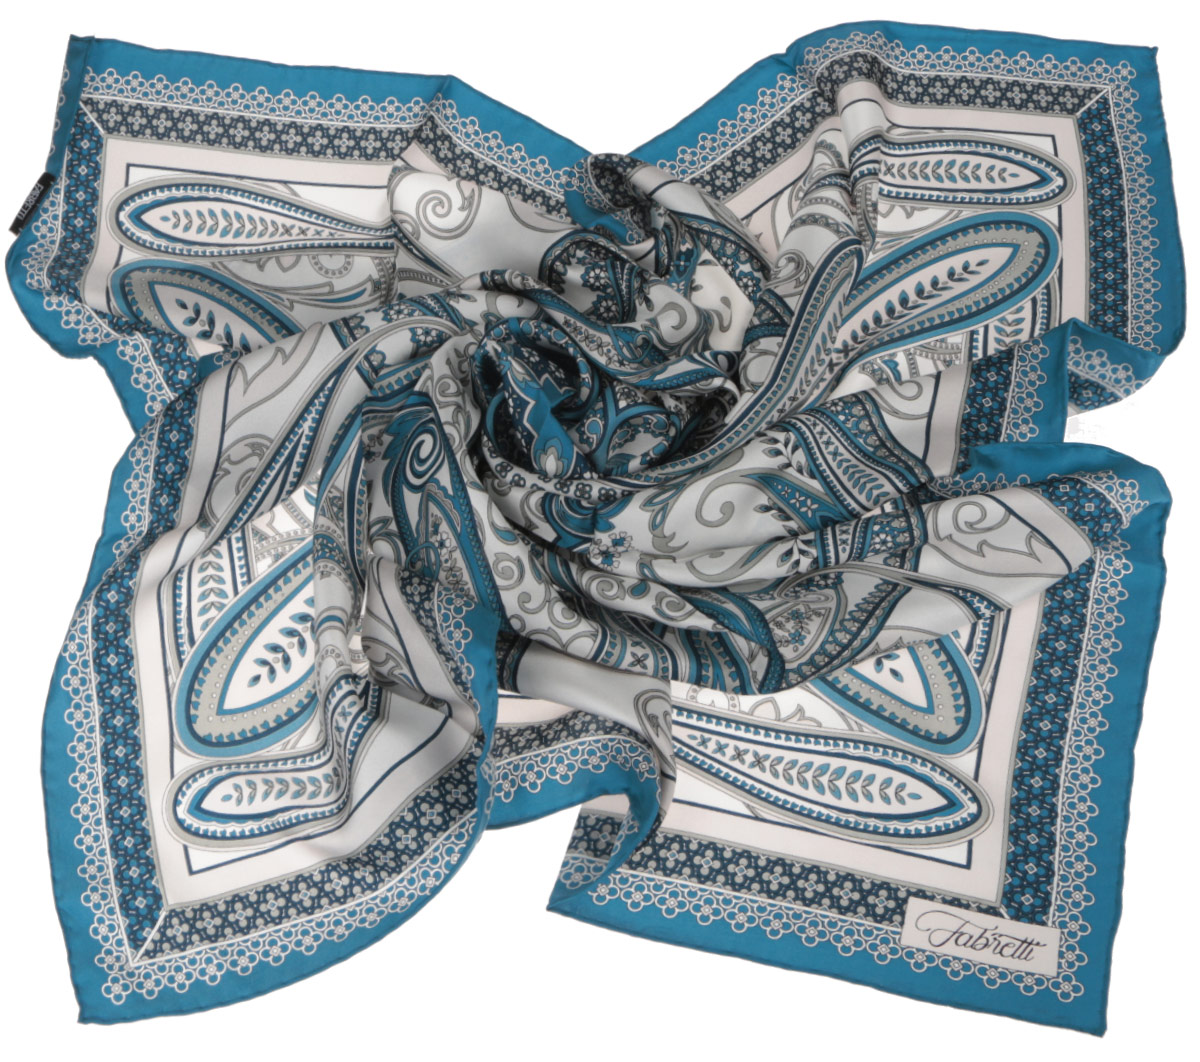 Платок женский Fabretti, цвет: бирюзовый, белый. CX1516-52-5. Размер 90 см х 90 смCX1516-52-5Стильный женский платок Fabretti станет великолепным завершением любого наряда. Платок изготовлен из высококачественного 100% шелка и оформлен изысканным этническим принтом в индийском стиле.Классическая квадратная форма позволяет носить платок на шее, украшать им прическу или декорировать сумочку. Мягкий и шелковистый платок поможет вам создать изысканный женственный образ, а также согреет в непогоду. Такой платок превосходно дополнит любой наряд и подчеркнет ваш неповторимый вкус и элегантность.